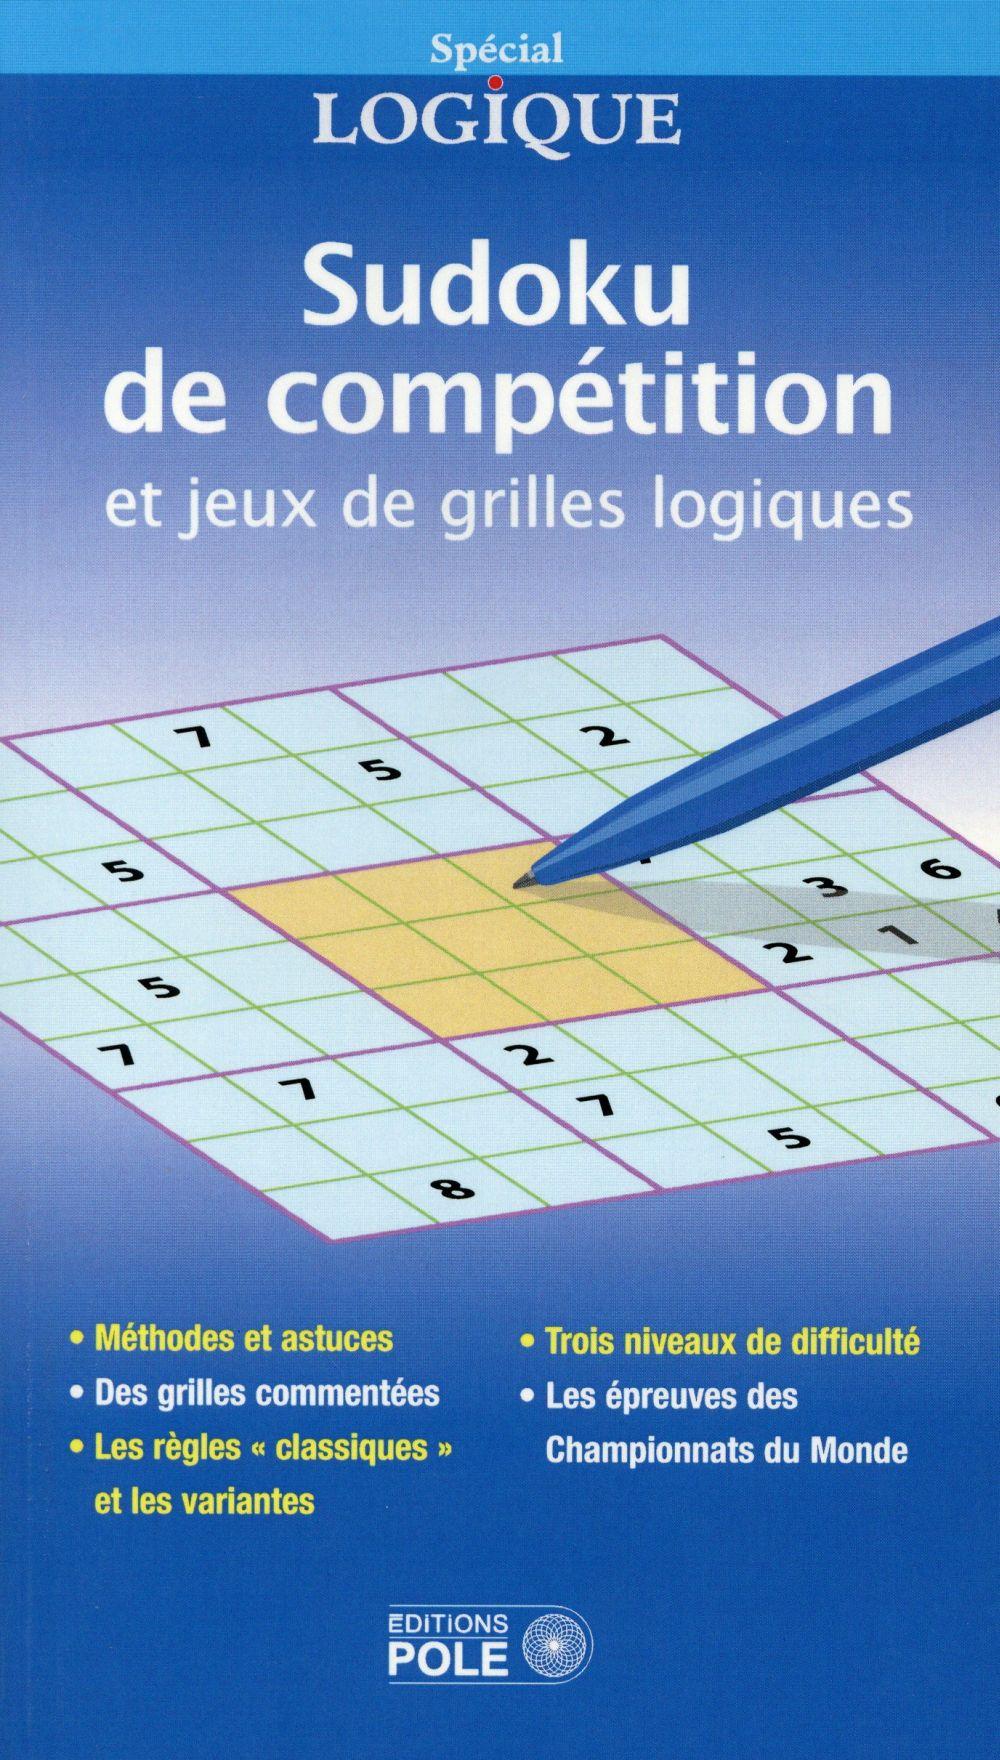 Sudoku de compétition et jeux de grilles logiques